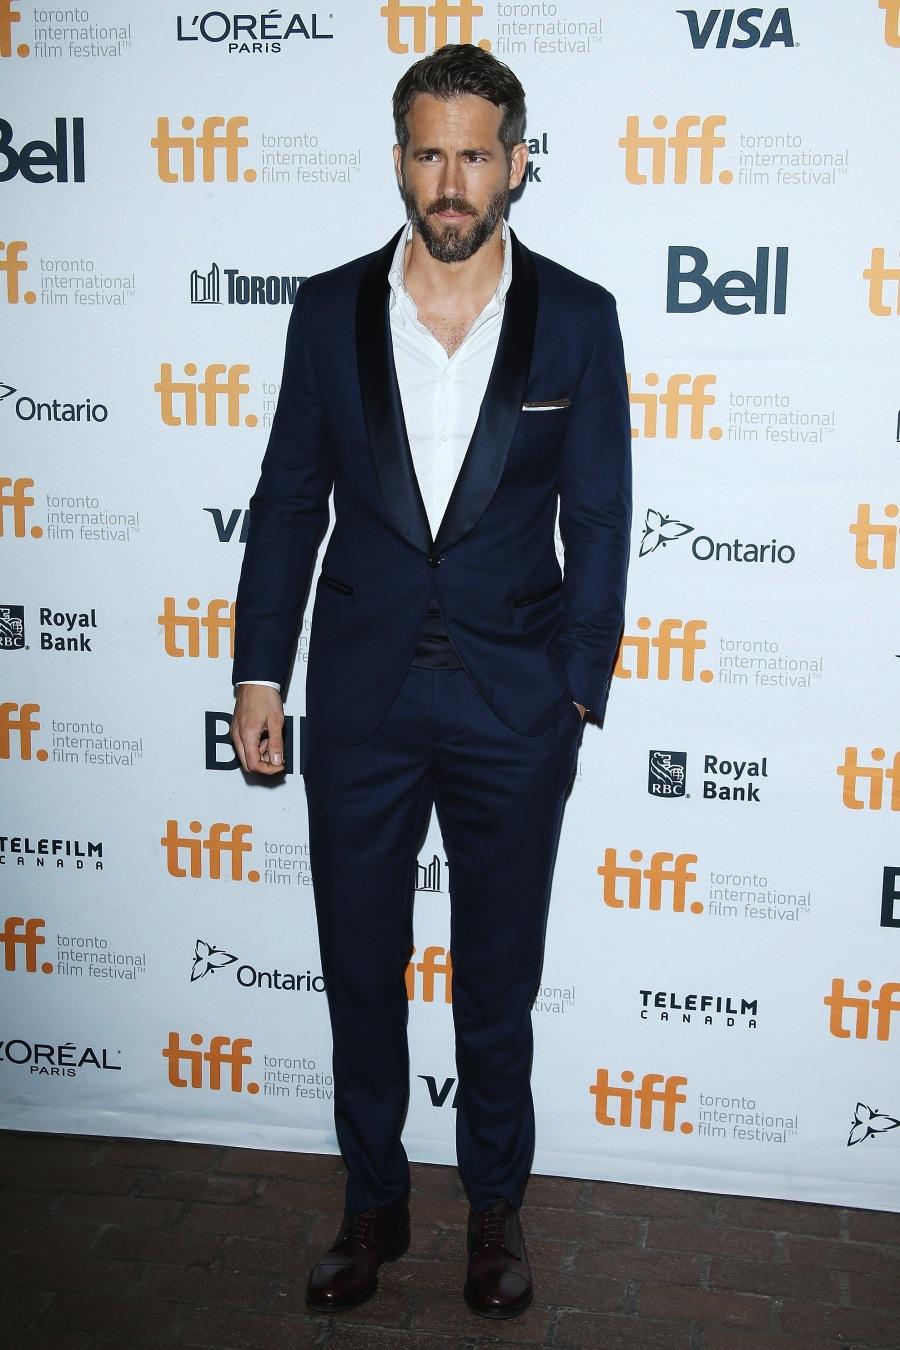 Temos aqui um dos pontos mais altos do festival. Se sentindo em casa (ele é canadense), Ryan Reynolds dispensou a gravata borboleta e se saiu muito bem com o smoking azul e preto.